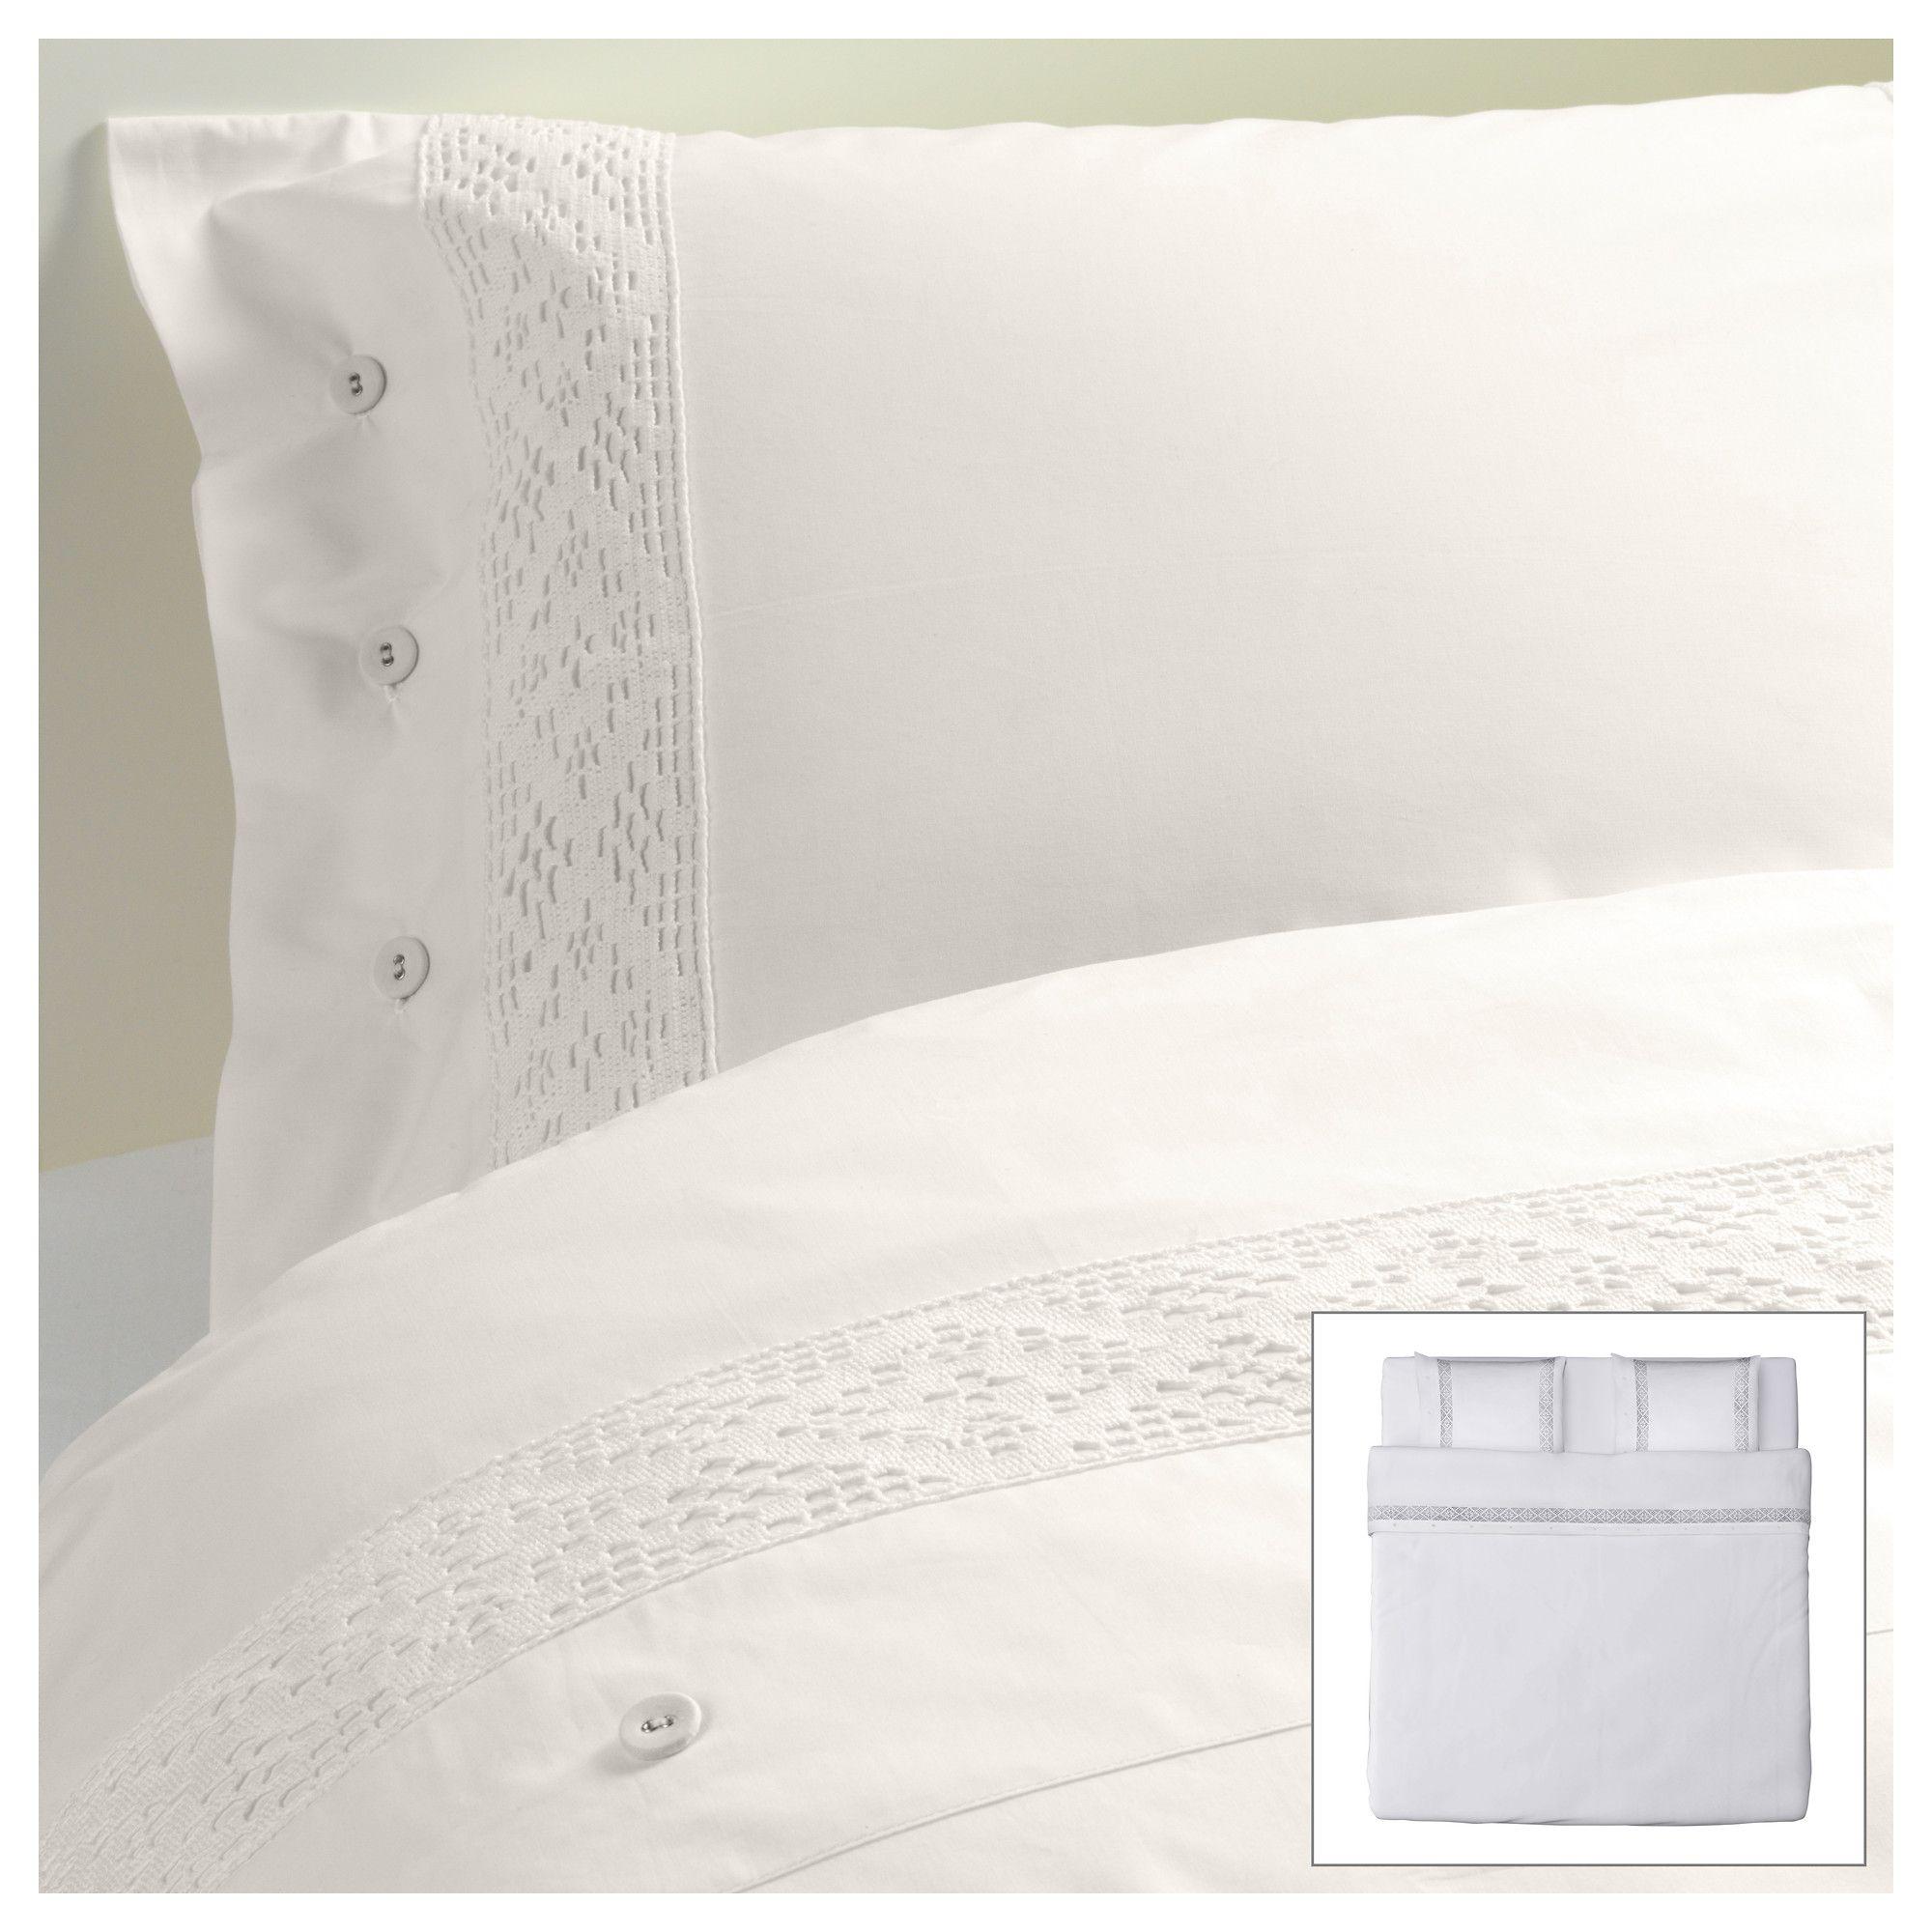 Cuscino Alla Francese Ikea meubels, verlichting, woondecoratie en meer | ikea bed